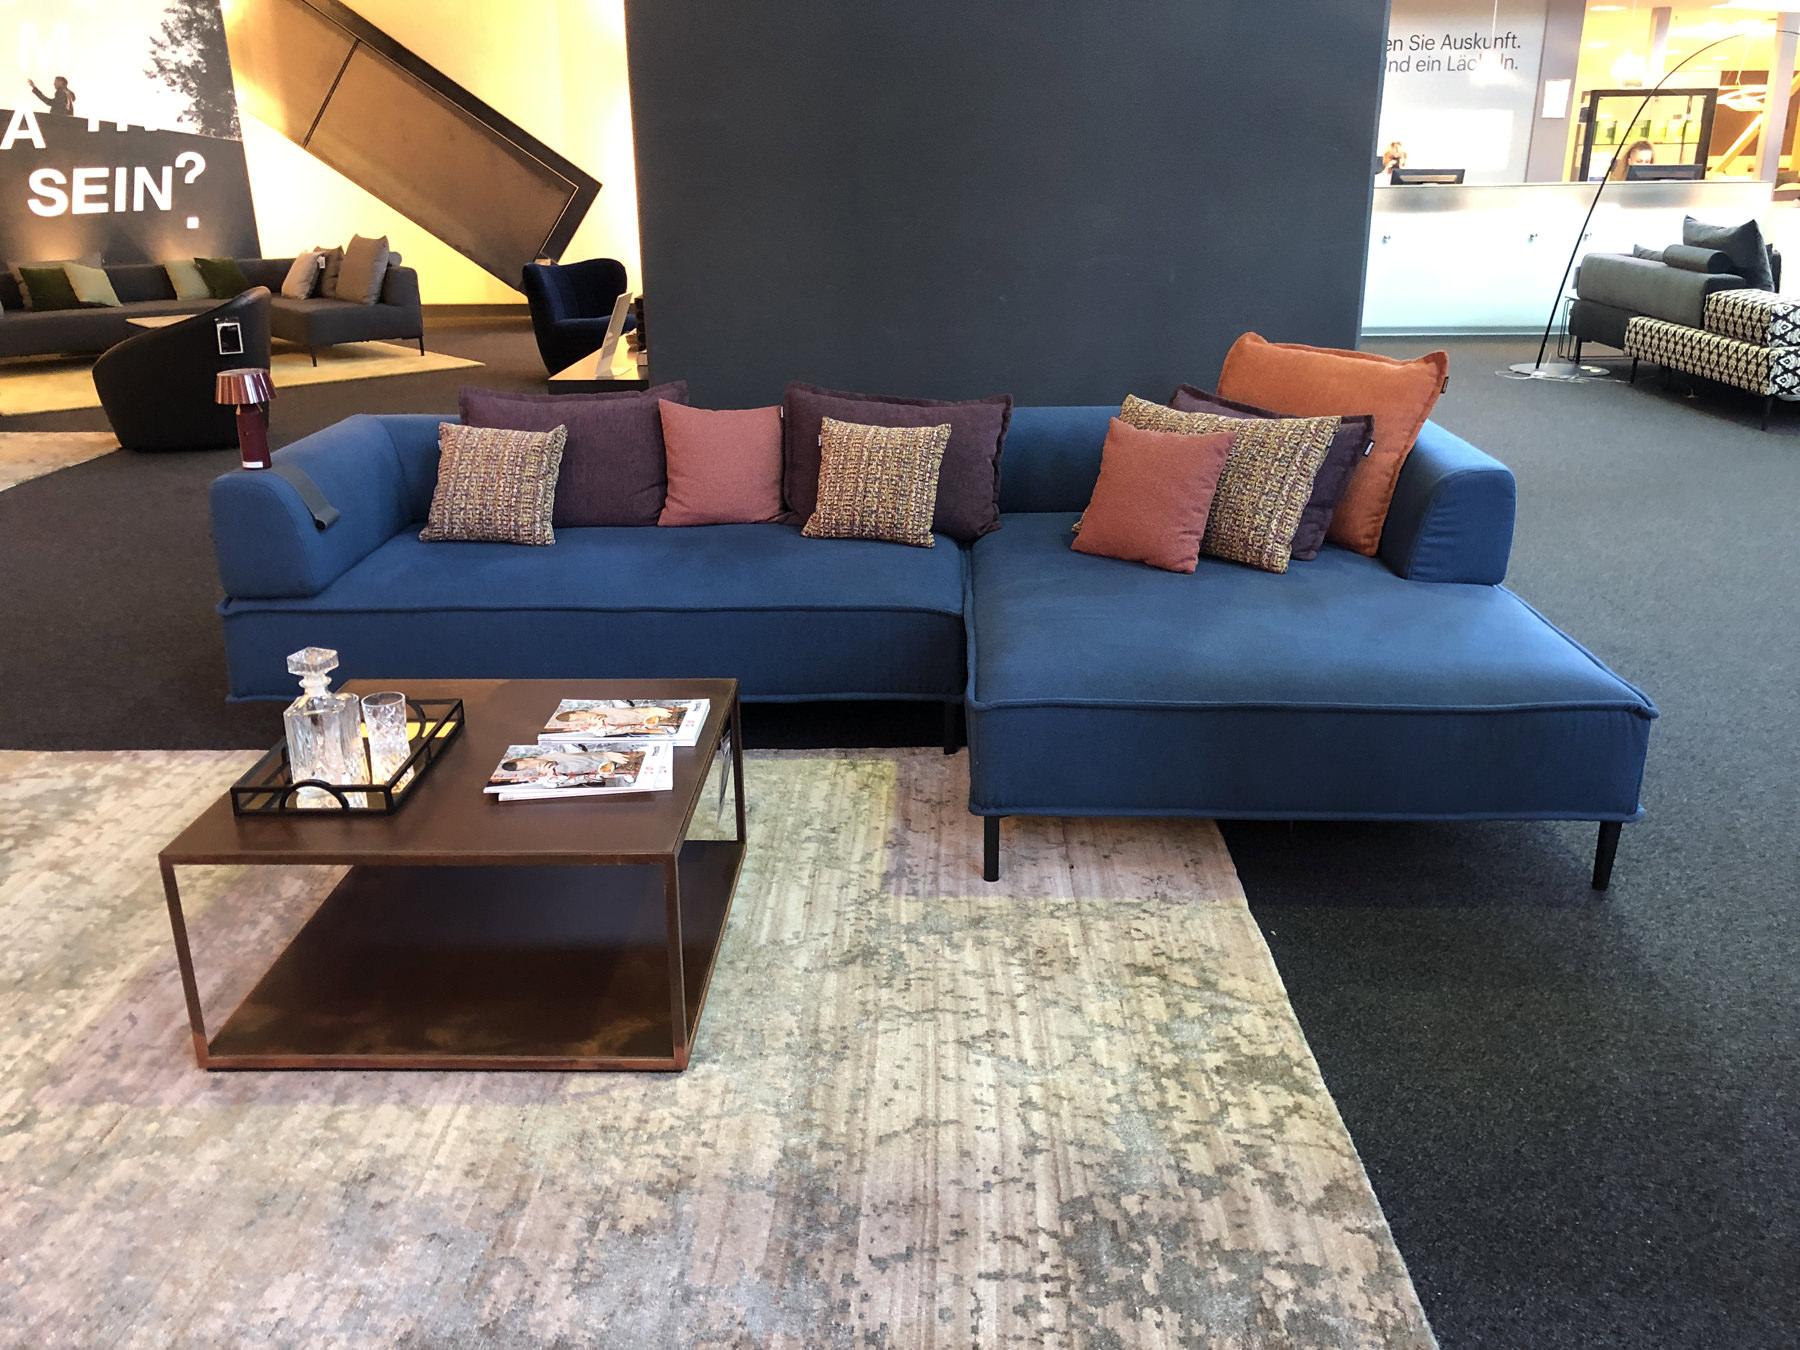 Full Size of Freistil Ausstellungsstück Sofa 144 Fgerat Bett Küche Wohnzimmer Freistil Ausstellungsstück